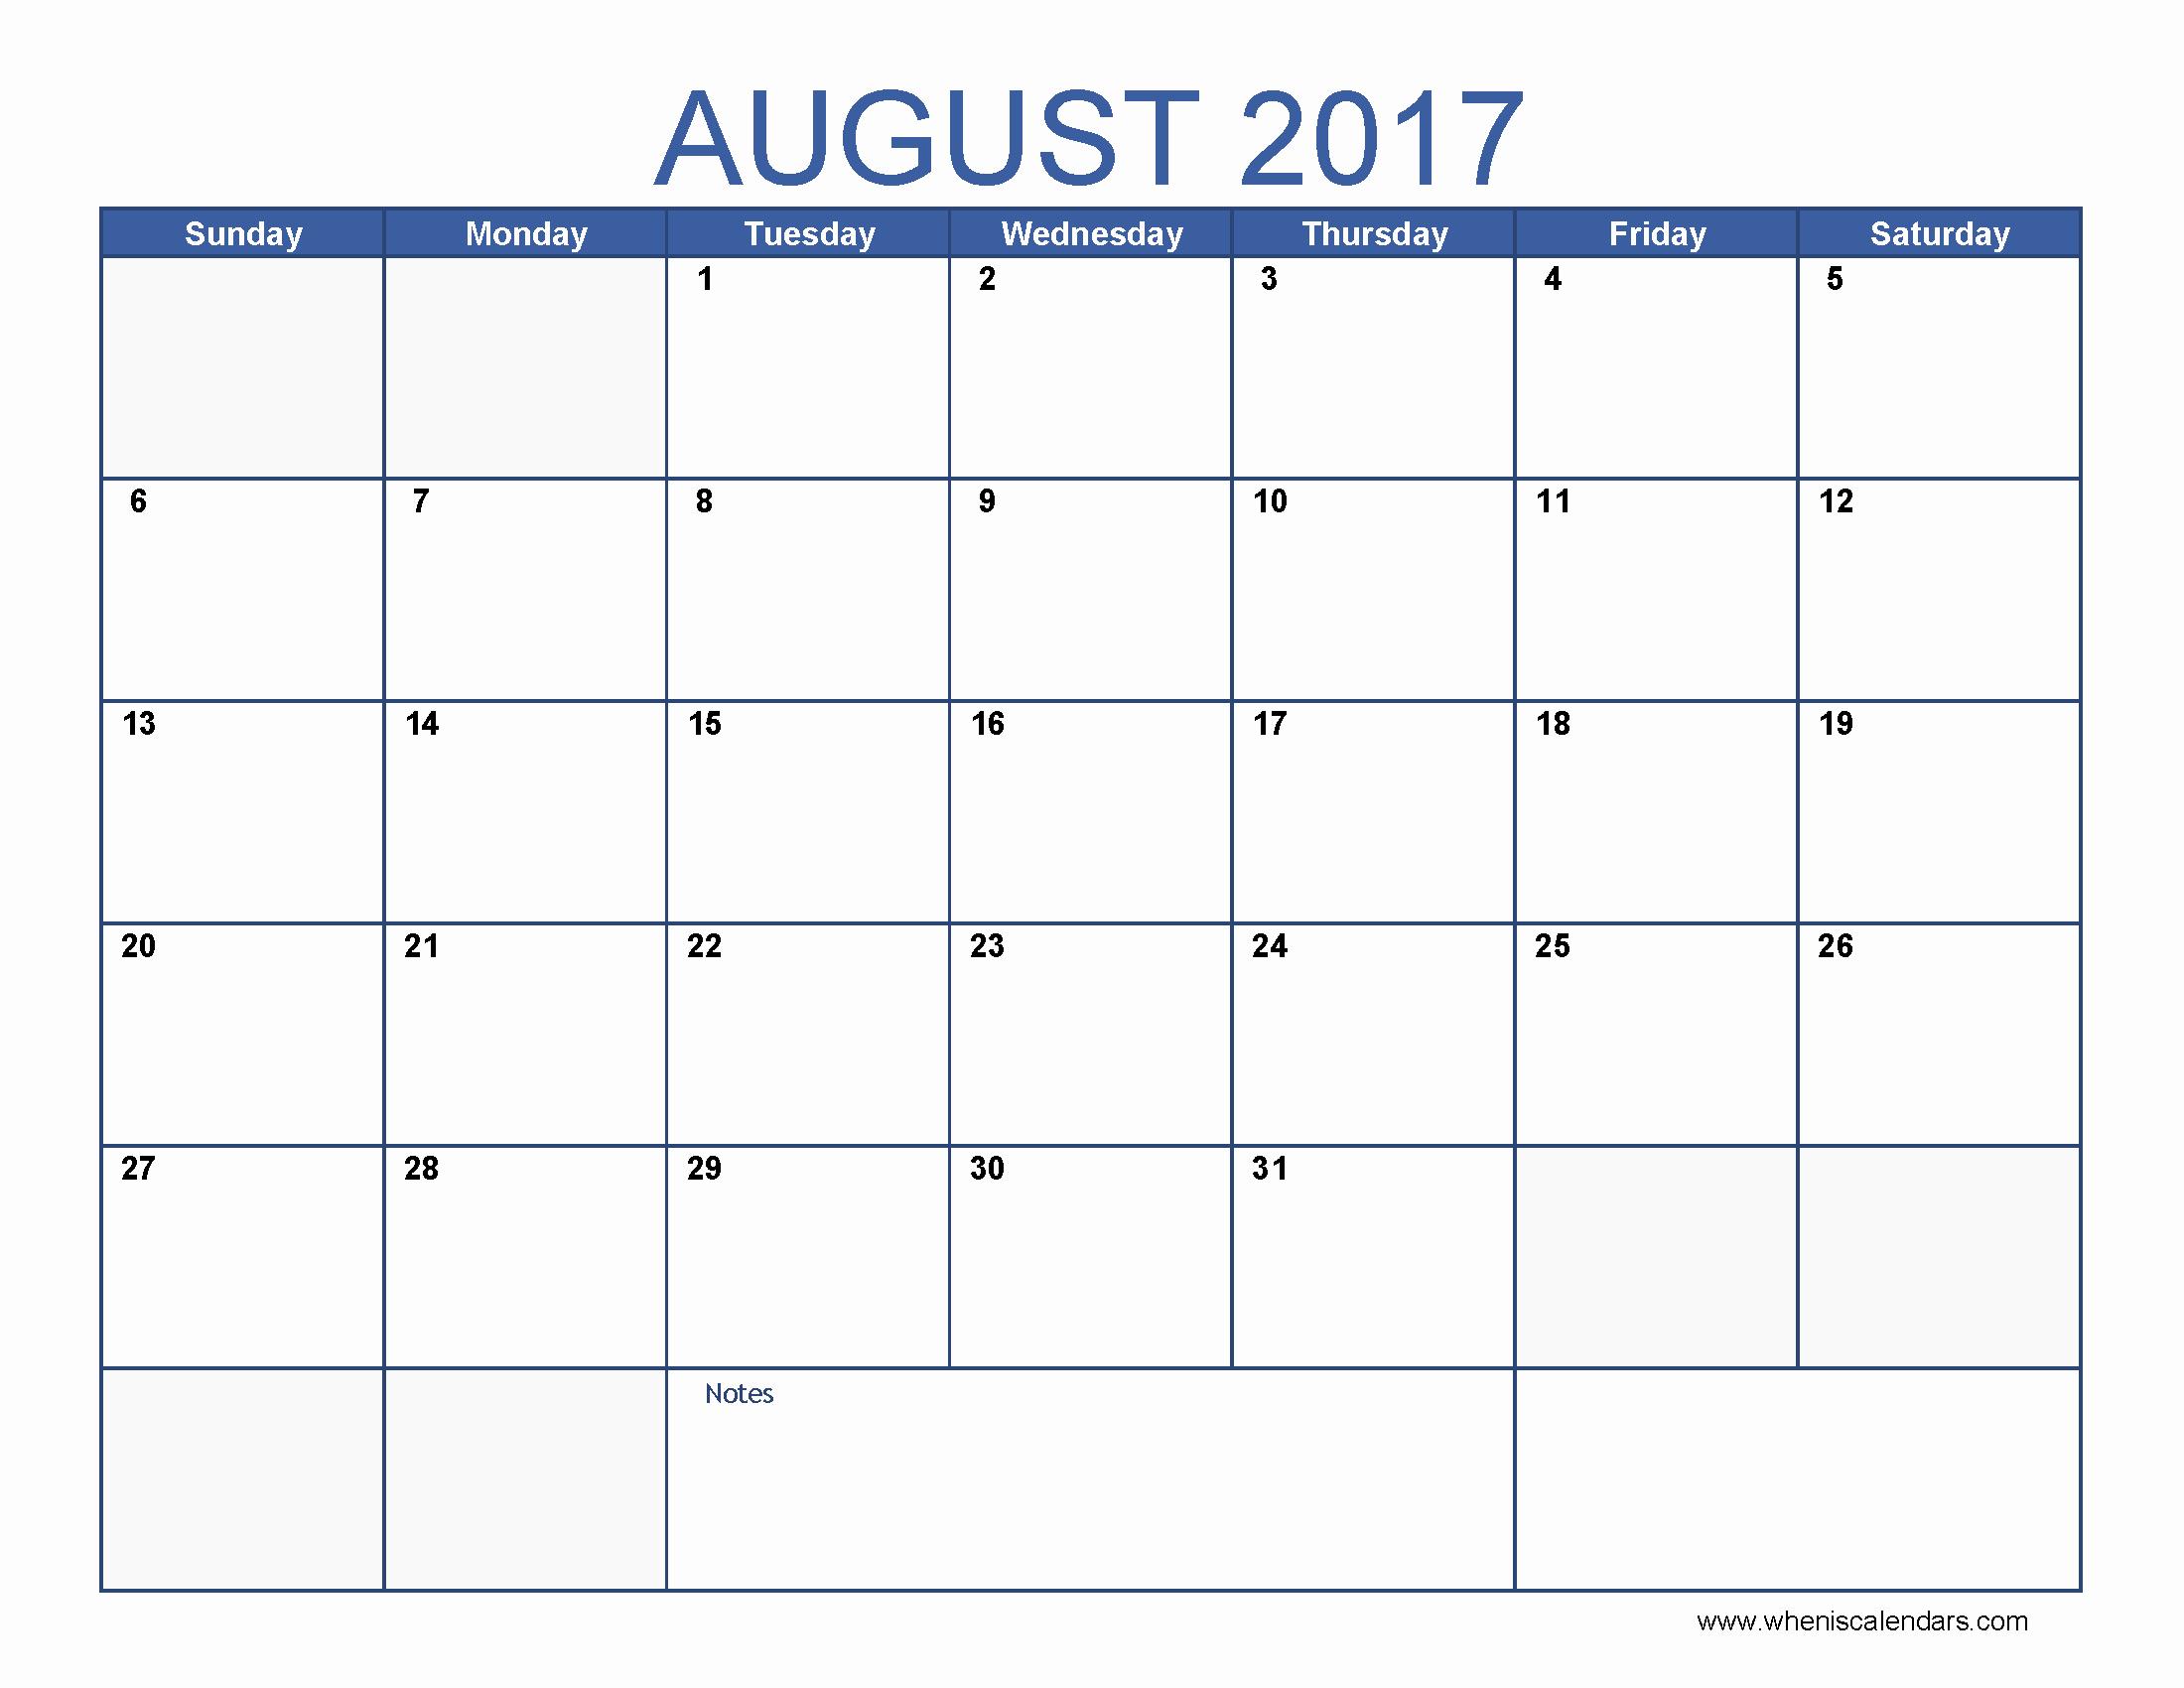 Blank Calendar Template August 2017 Inspirational Blank August 2017 Calendar